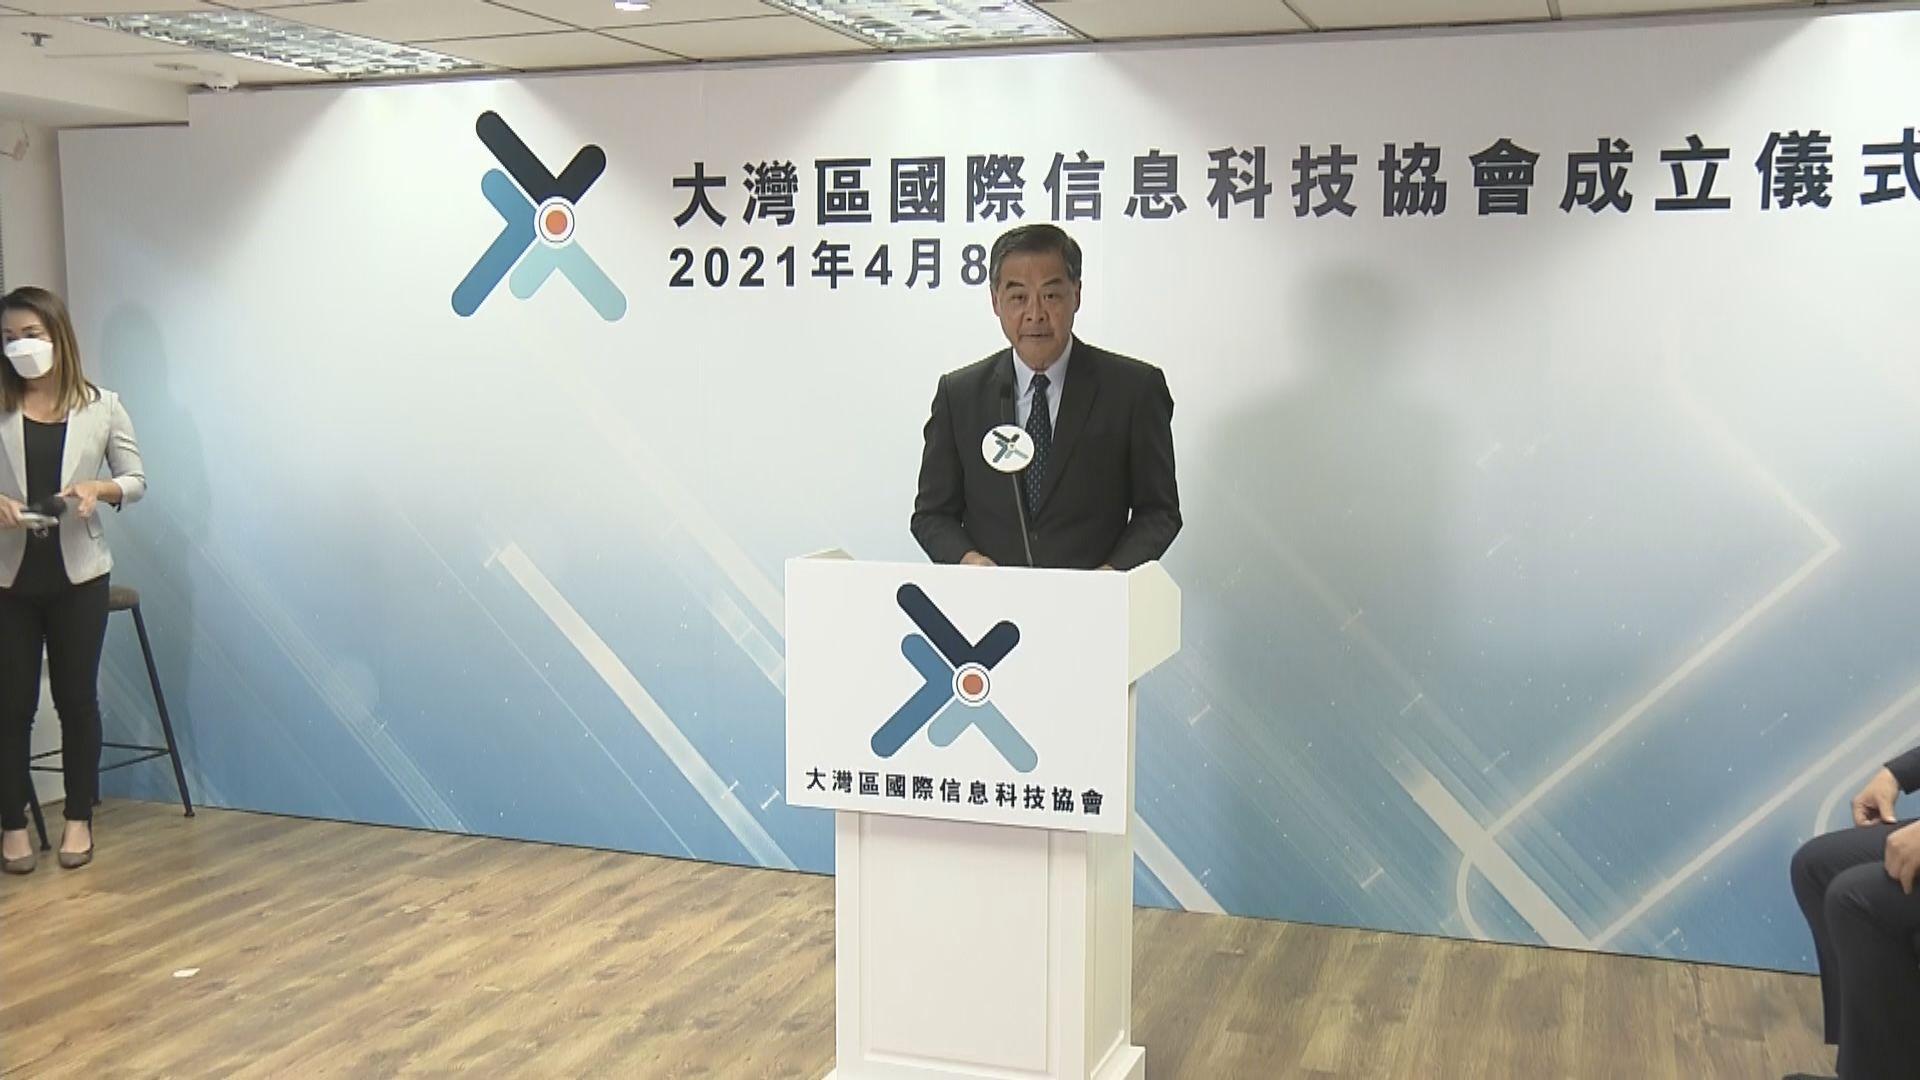 大灣區國際信息科技協會成立 梁振英任董事局主席